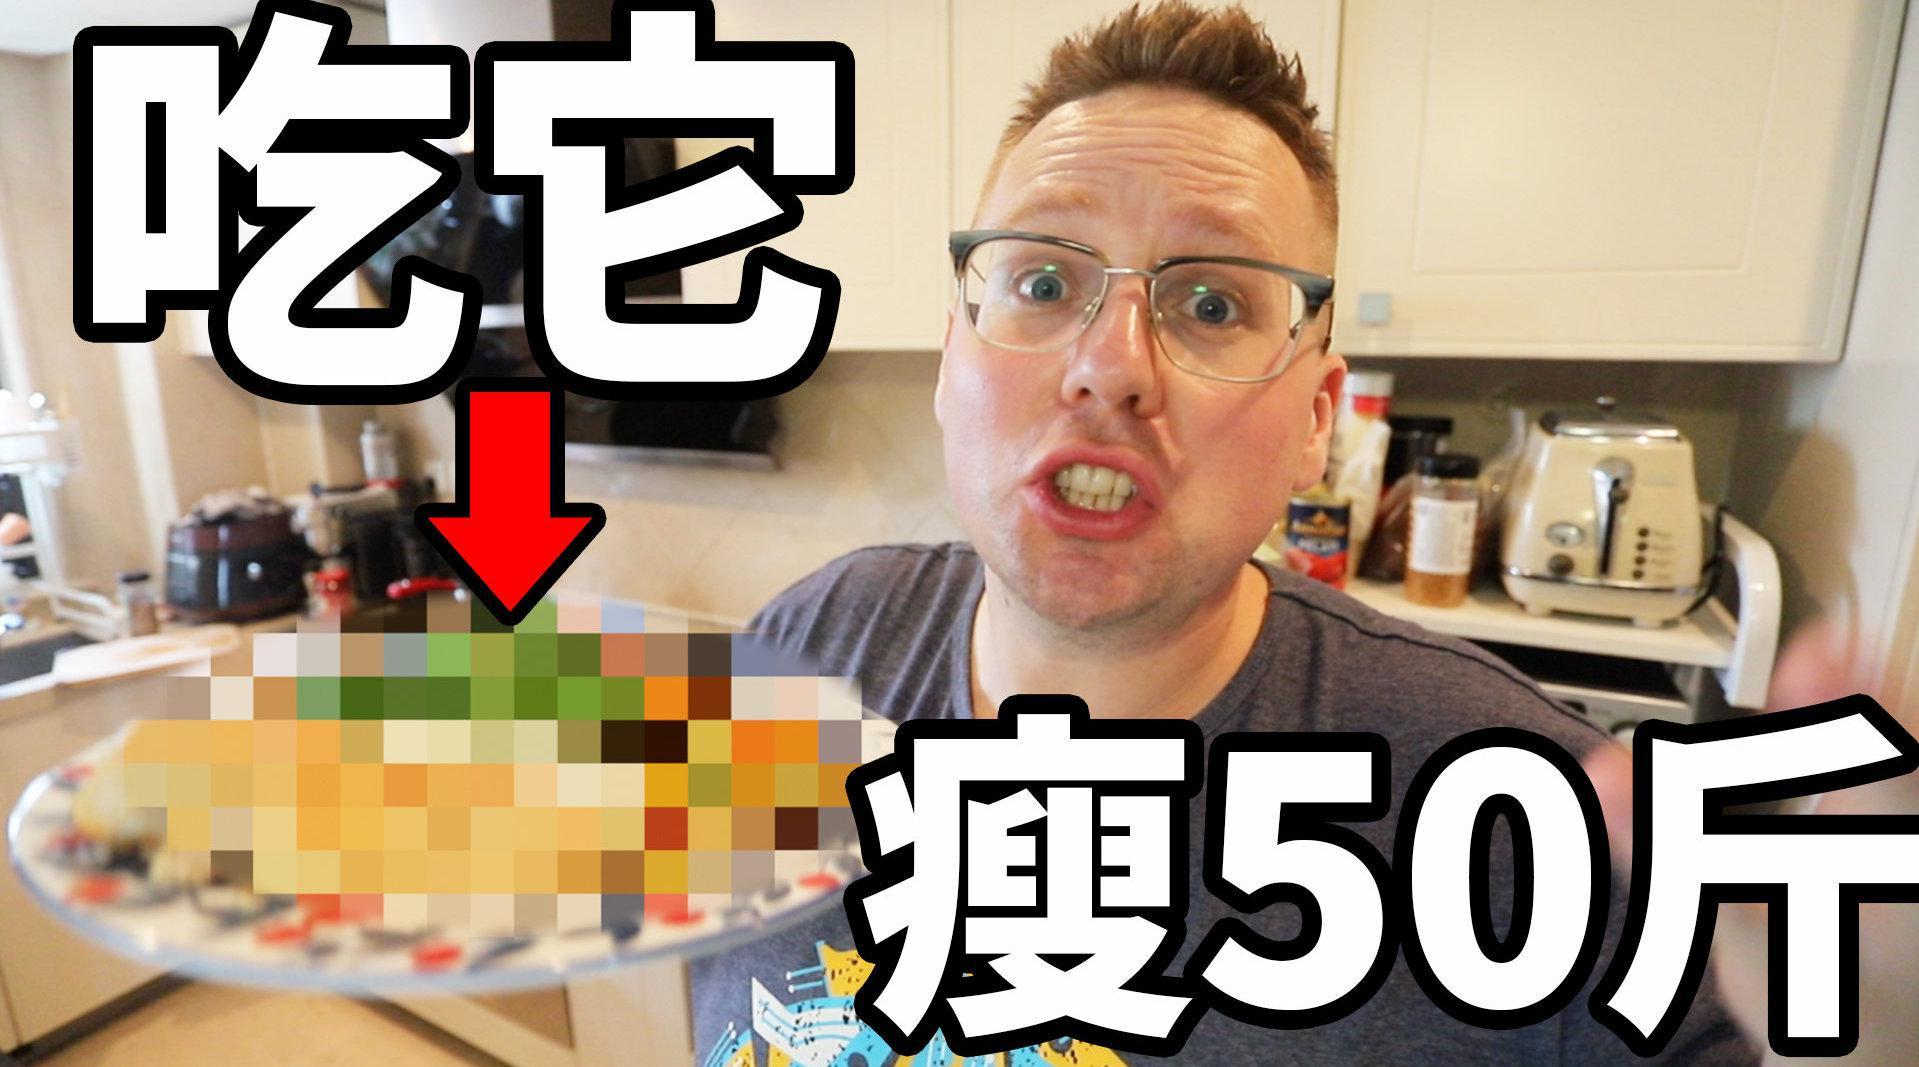 减肥餐 | 每天这样吃,我瘦了50斤! 揭秘我的瘦身食谱!